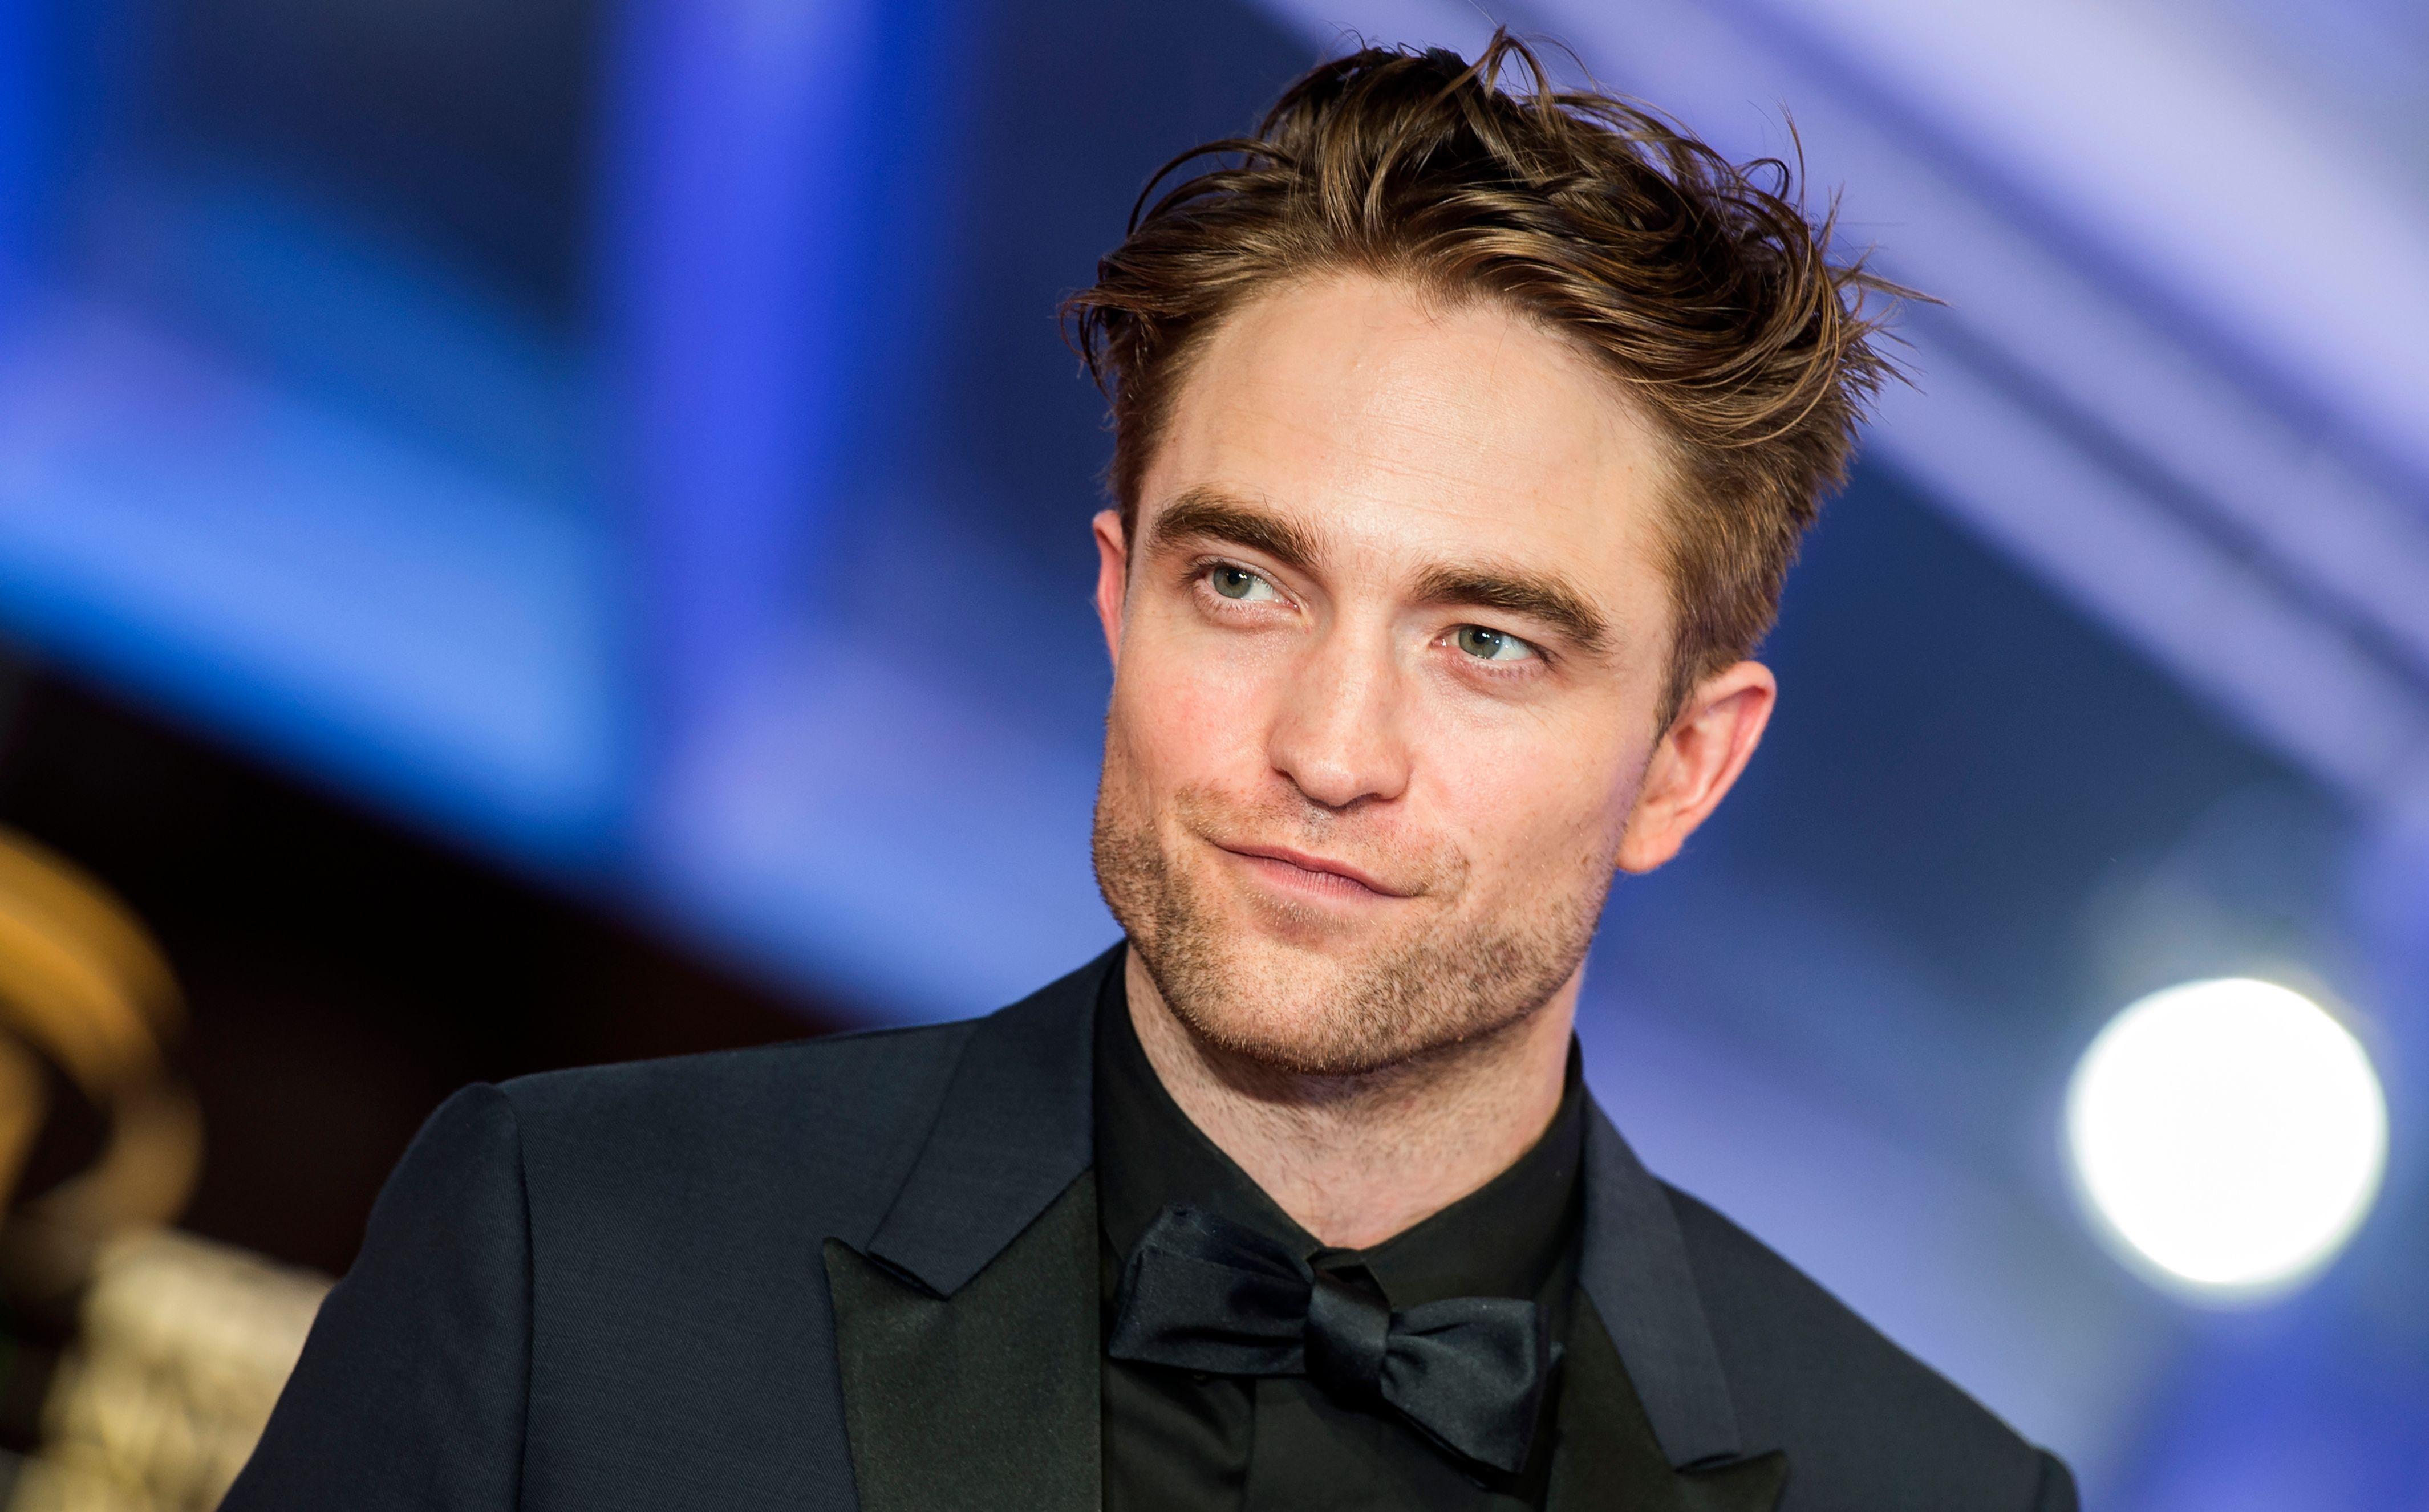 Robert Pattinson headshot.